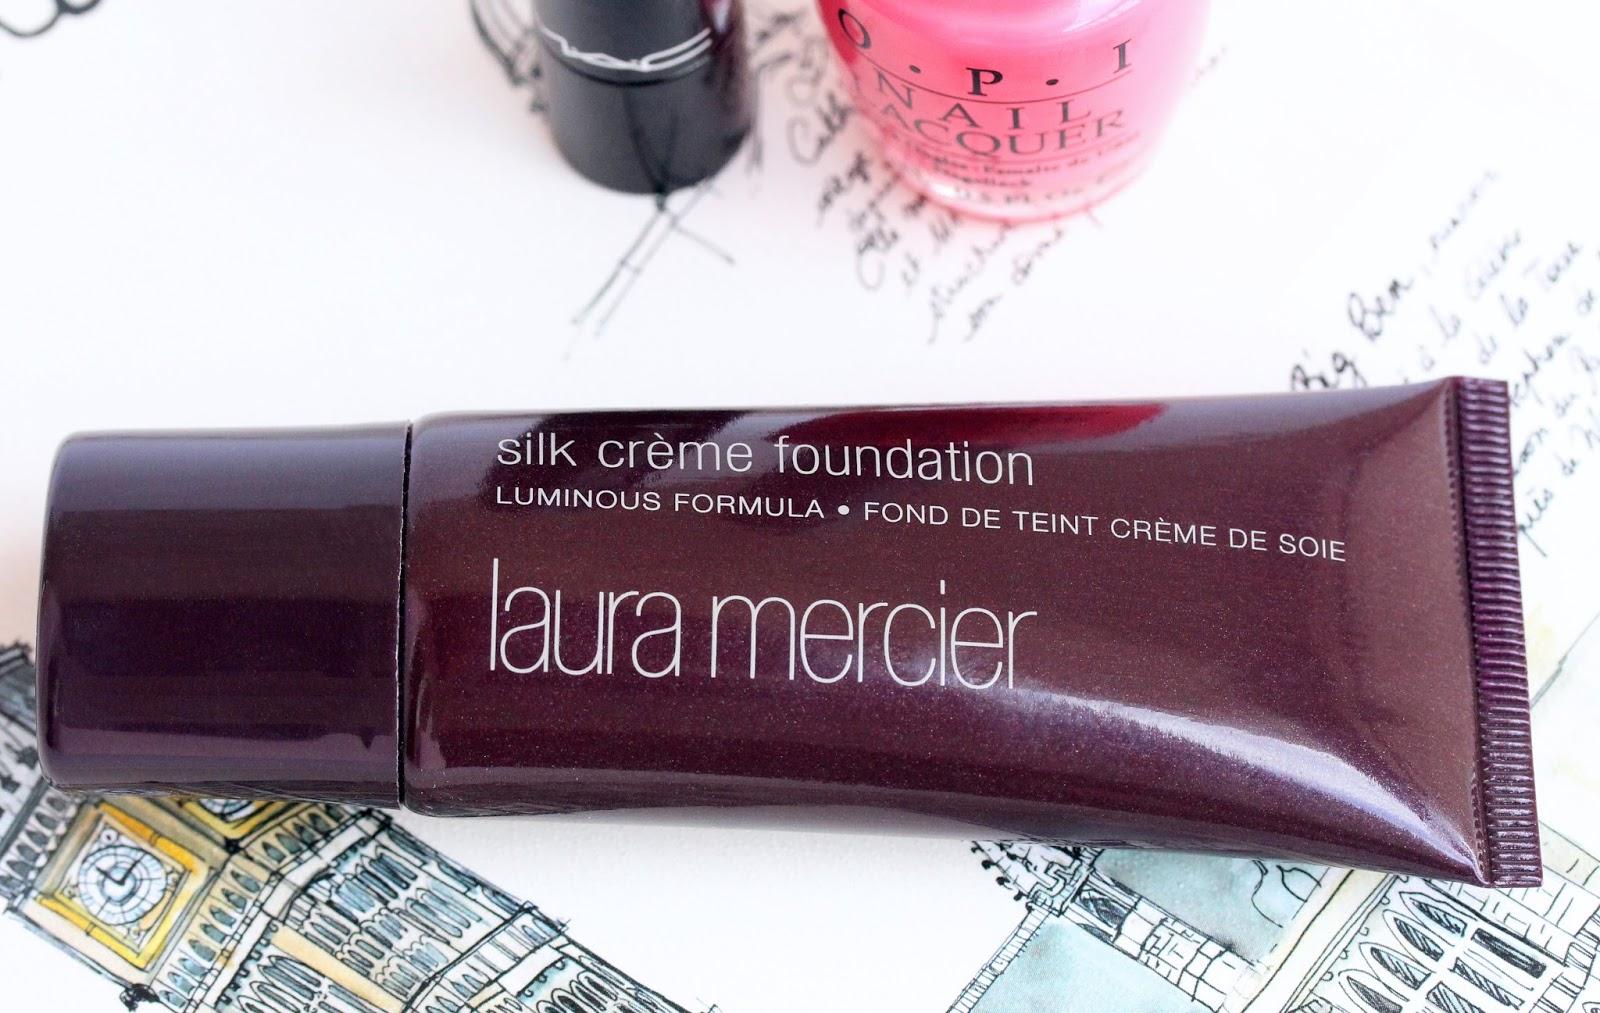 Laura Mercier Silk Crème Foundation